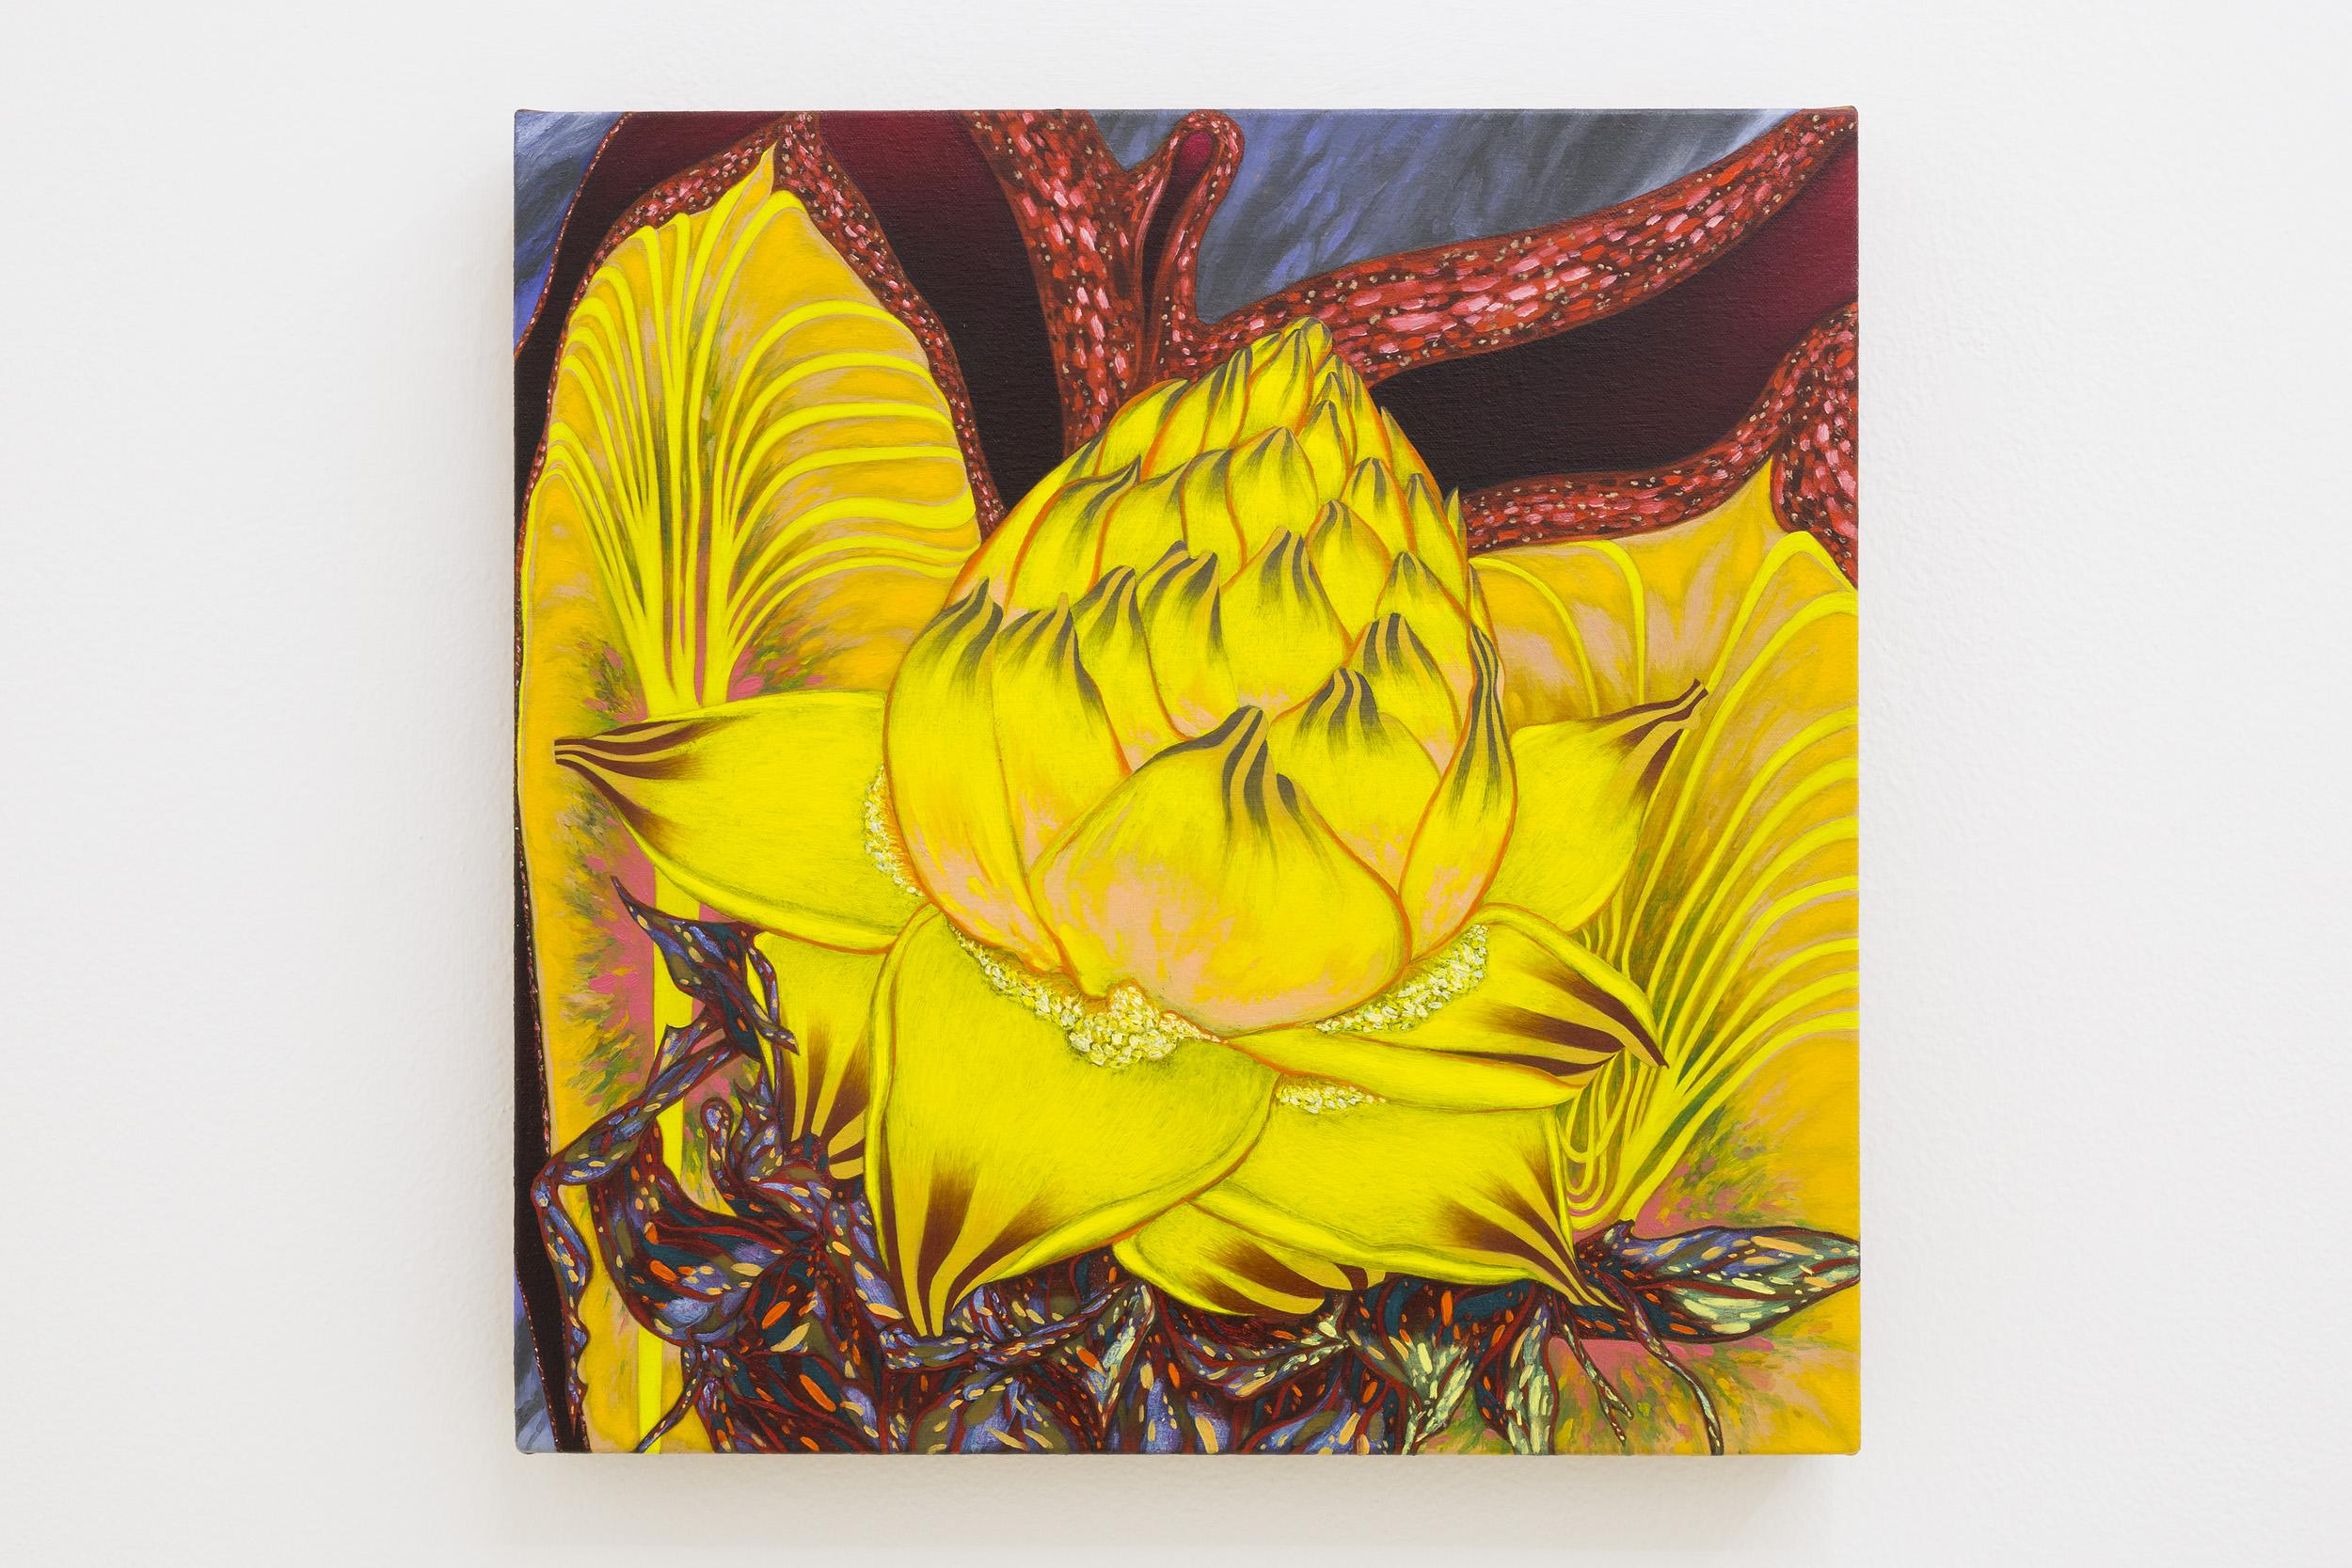 """Tom Allen """"Musella Lasiocarpa"""", 2018. Oil on canvas, 33 x 33 cm (13 x 13 in.)"""